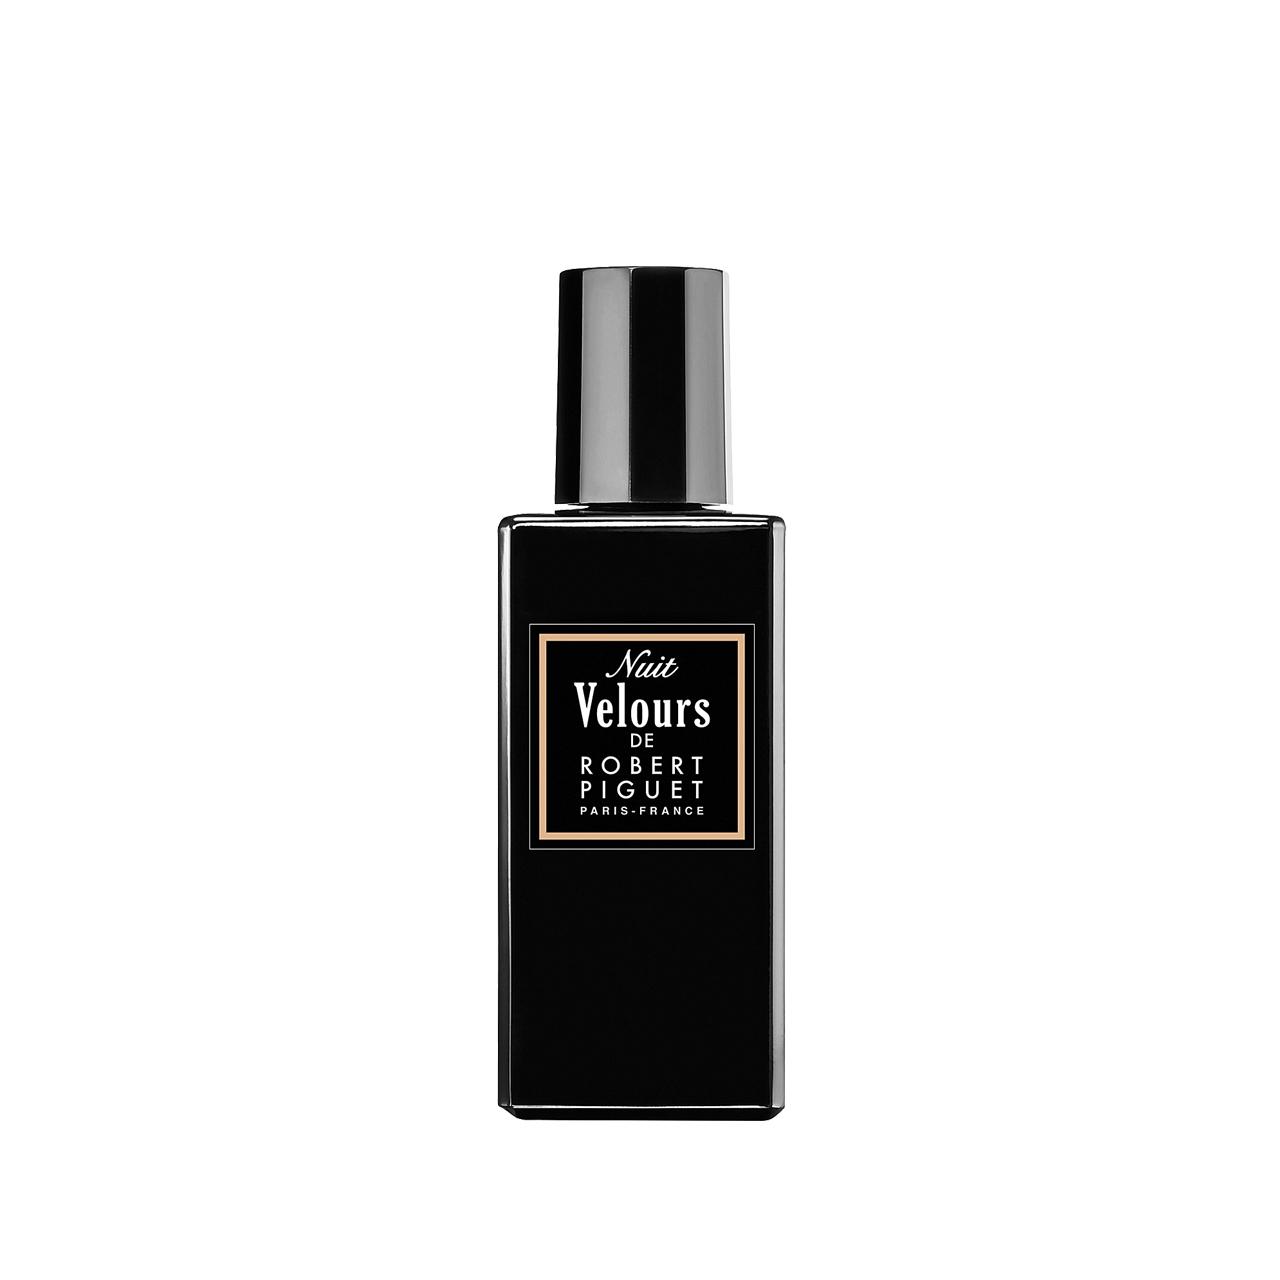 Nuit Velours - Eau de Parfum